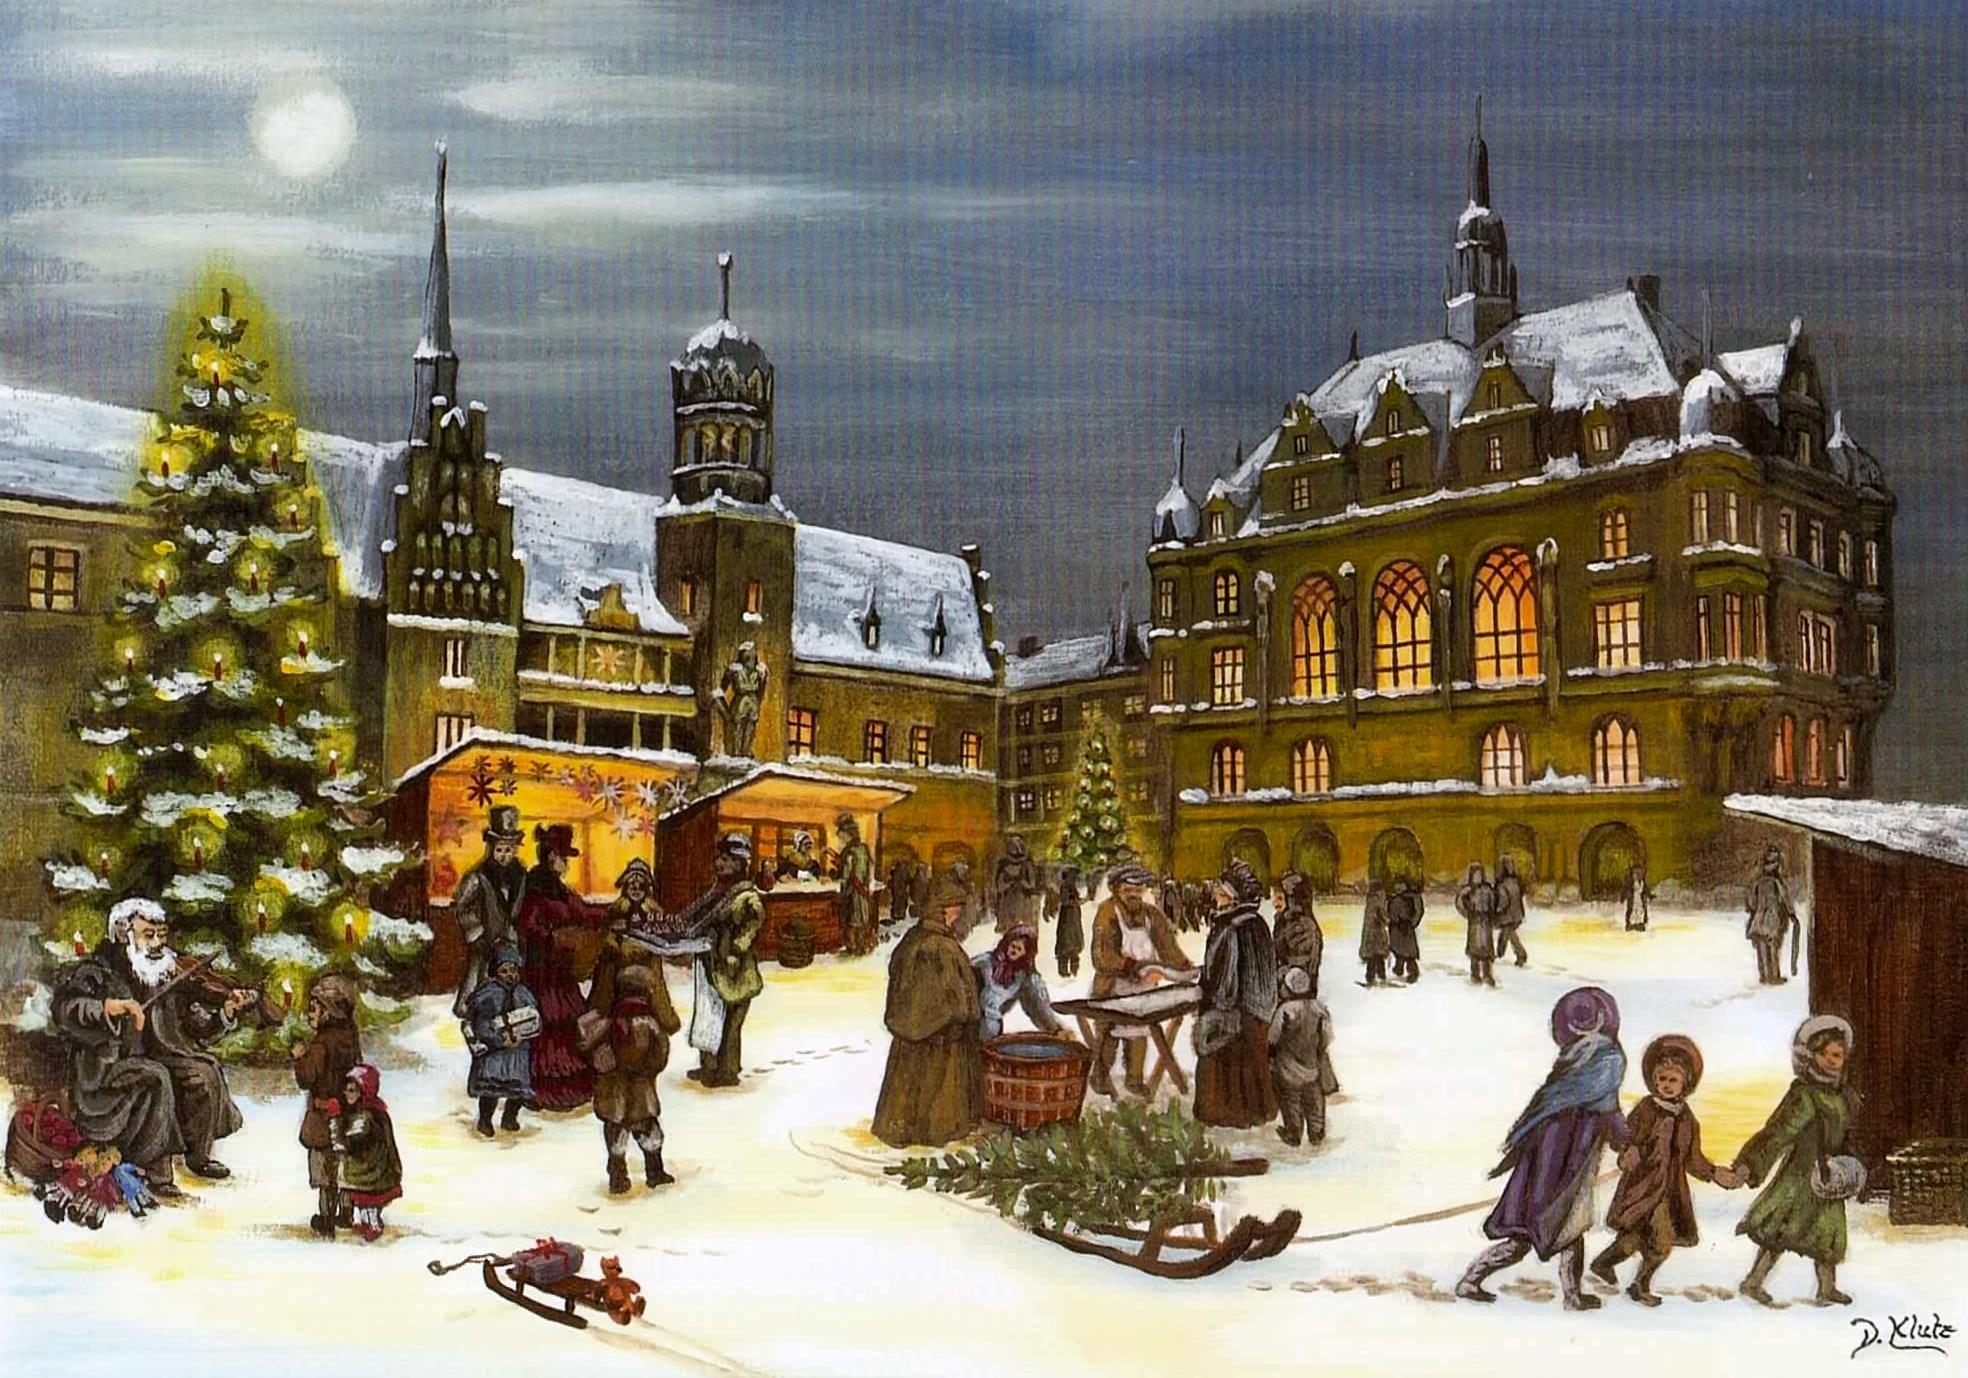 Alte Weihnachtskalender.Altes Rathaus Als Weihnachtskalender Hallespektrum De